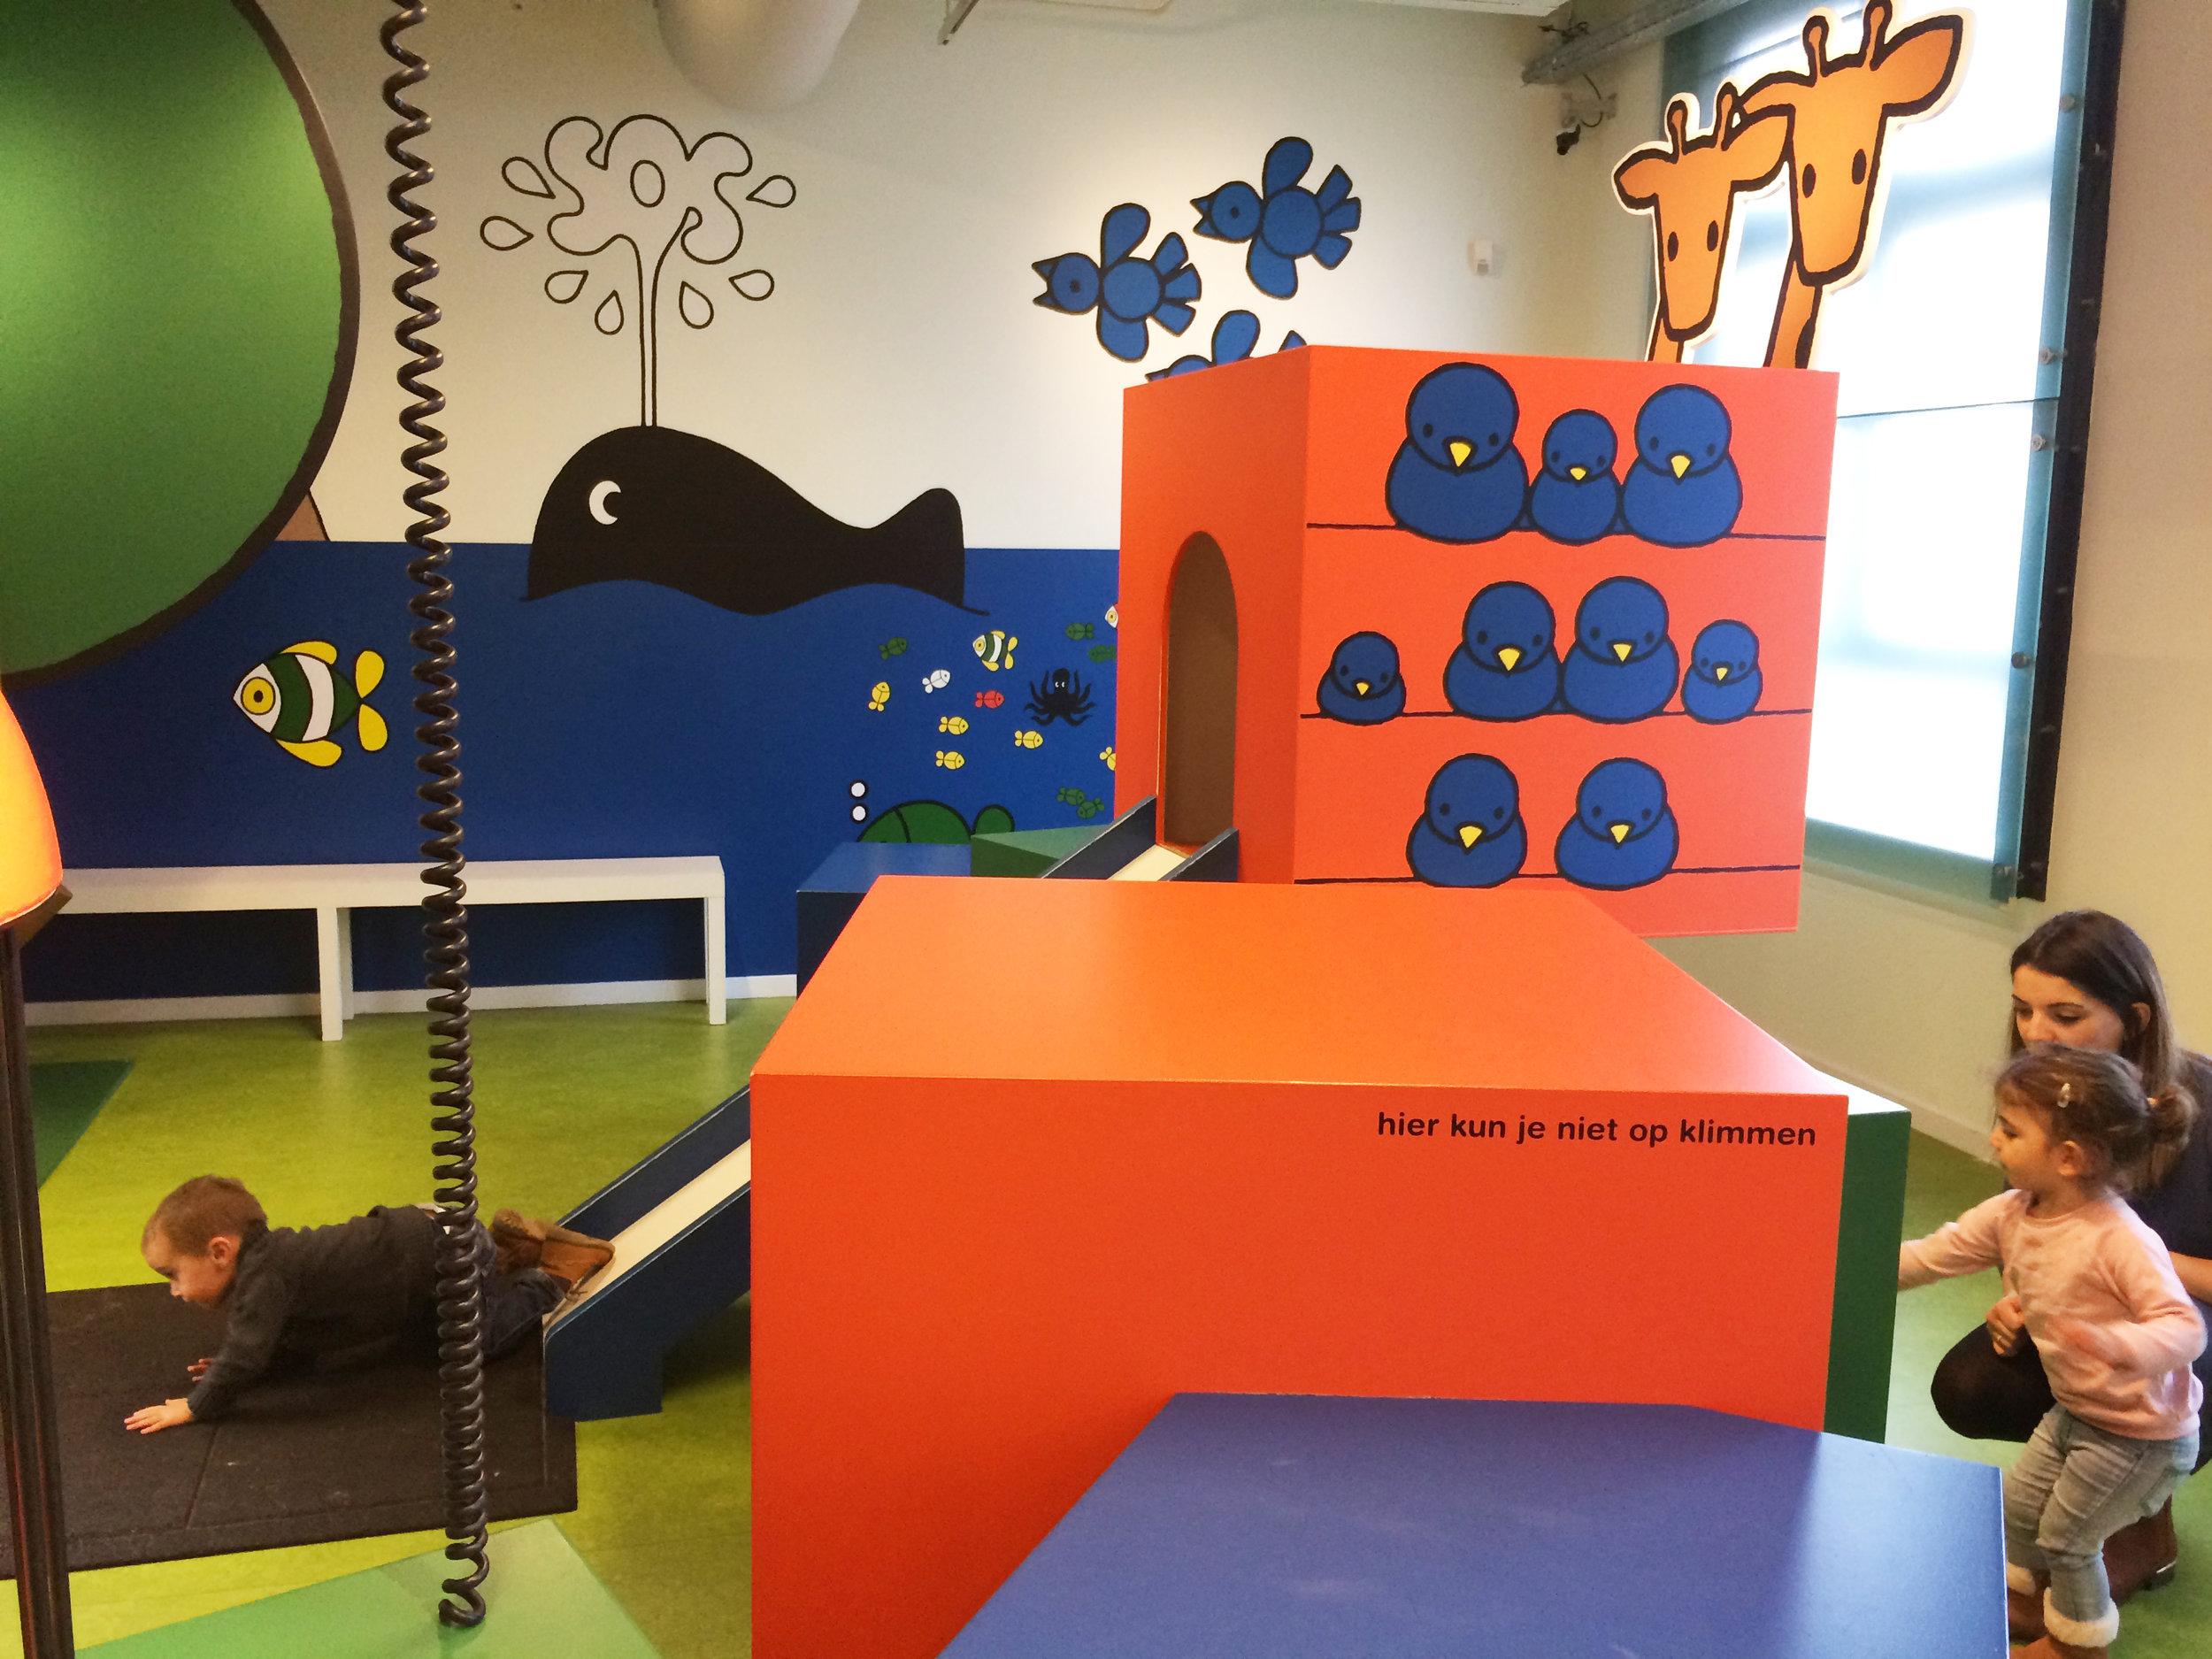 小さな子どもも楽しめる、遊具のコーナー